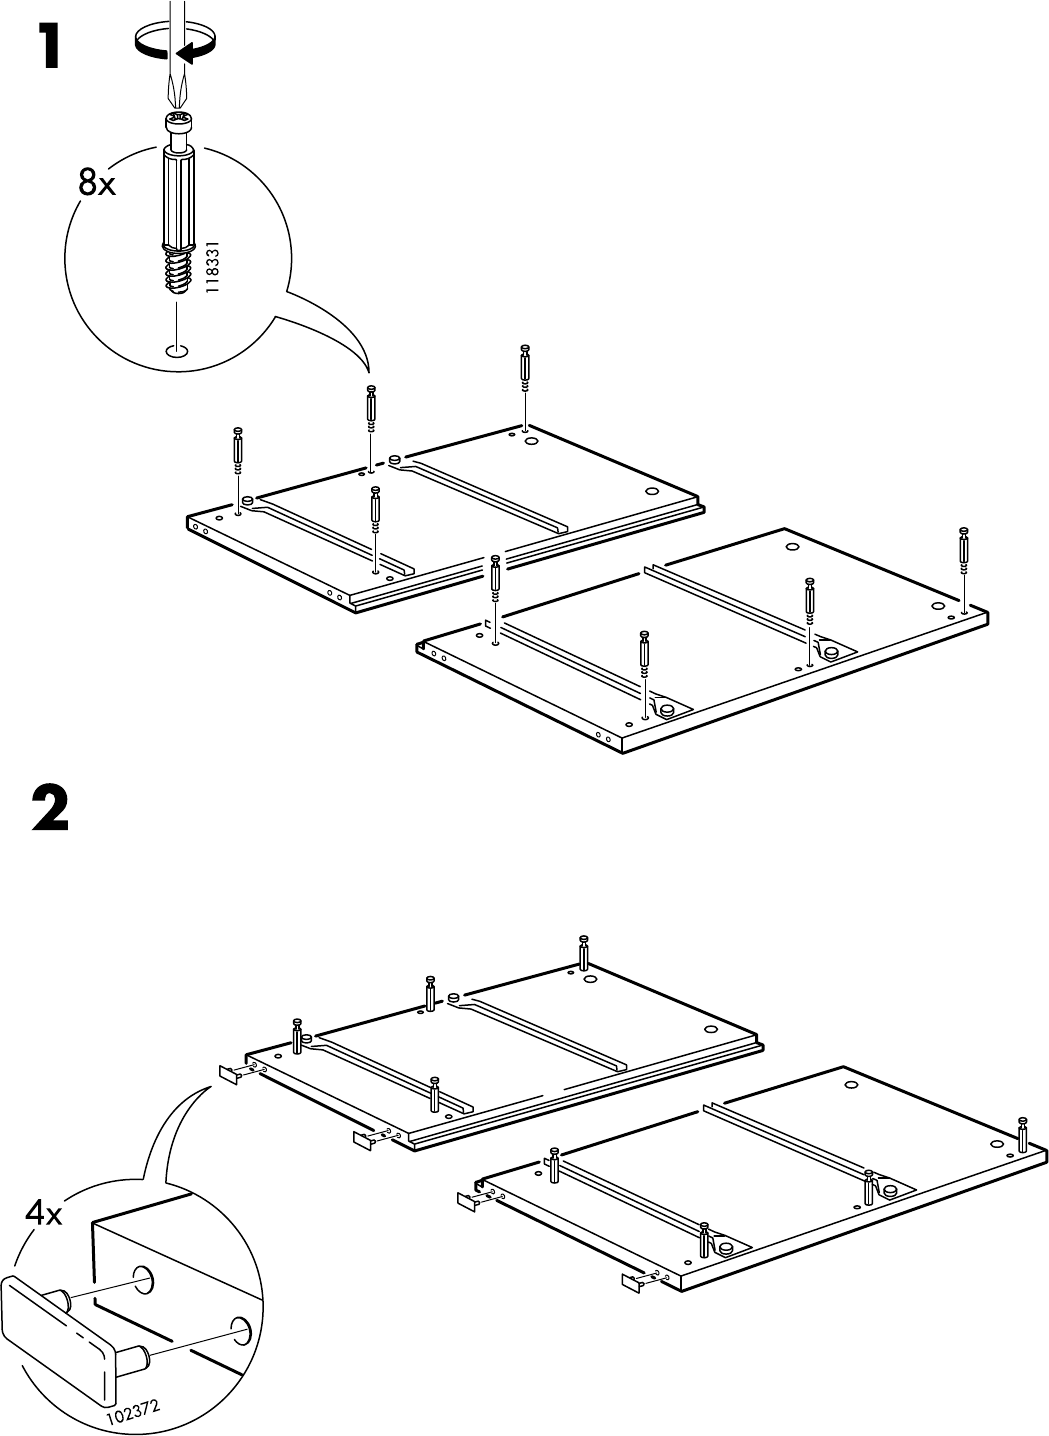 Ikea Malm Ladekast Handleiding.Handleiding Ikea Malm Ladekast 2 Lades Pagina 4 Van 16